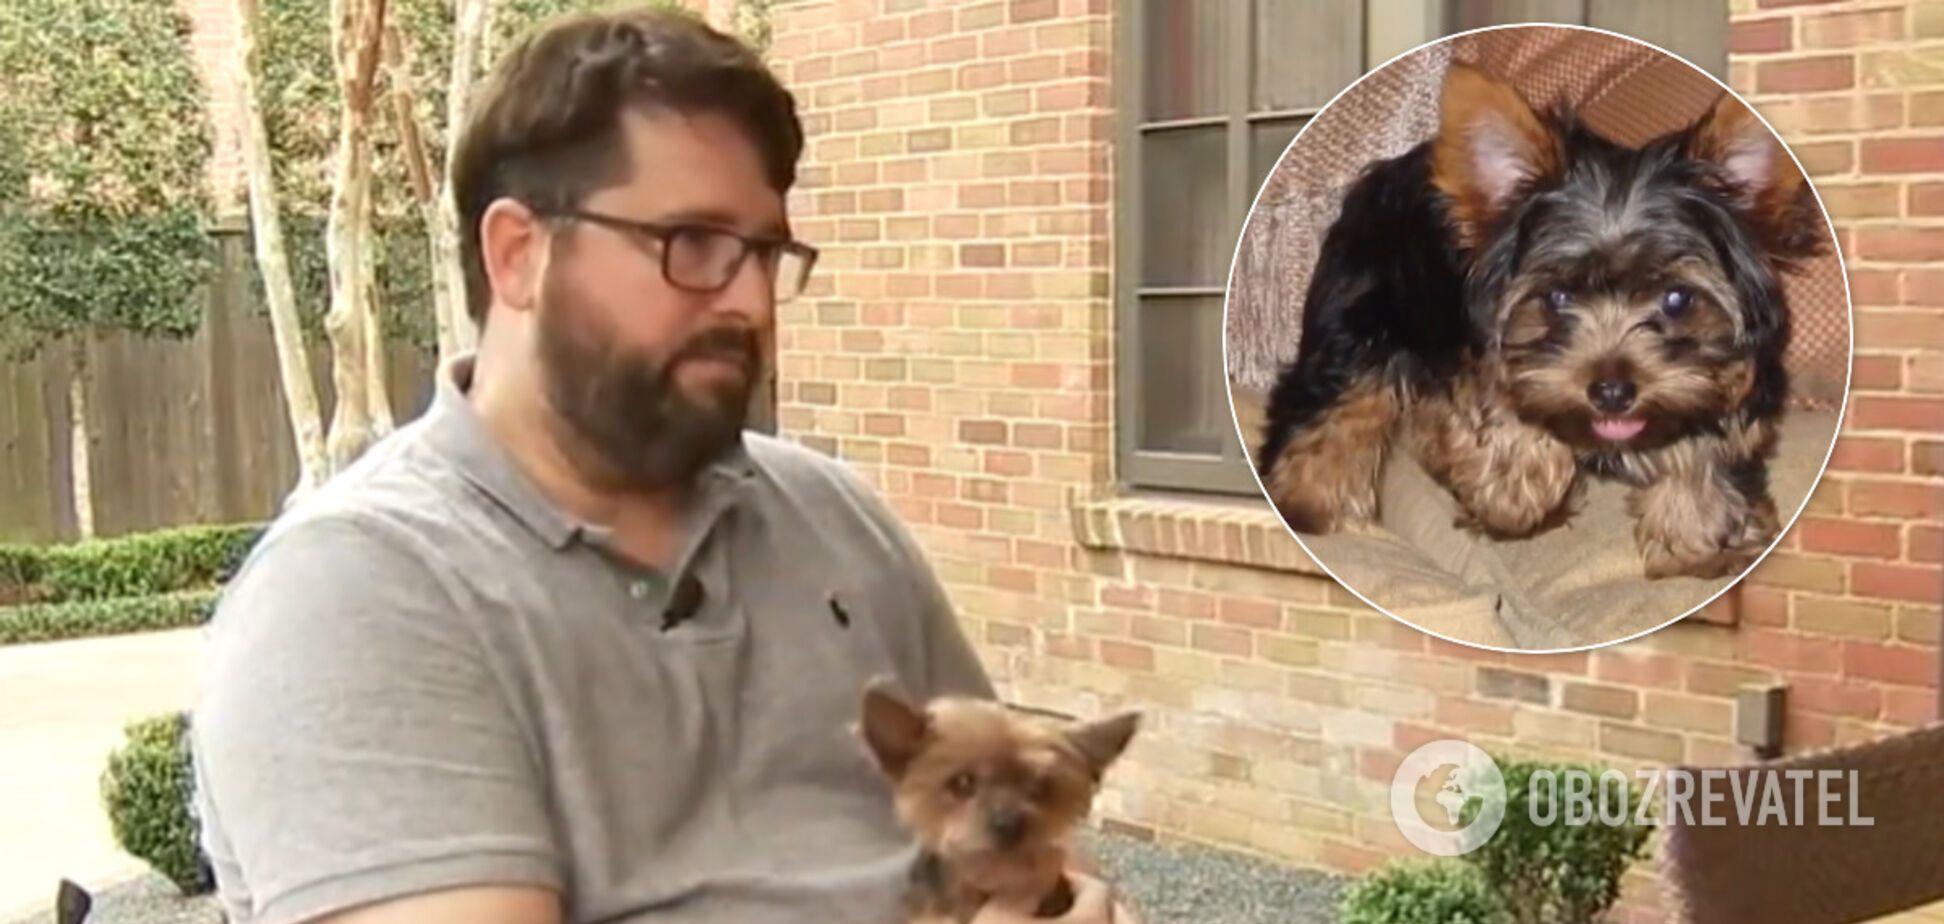 Пропавший пес вернулся домой спустя 14 лет: встреча с хозяином растрогала сеть